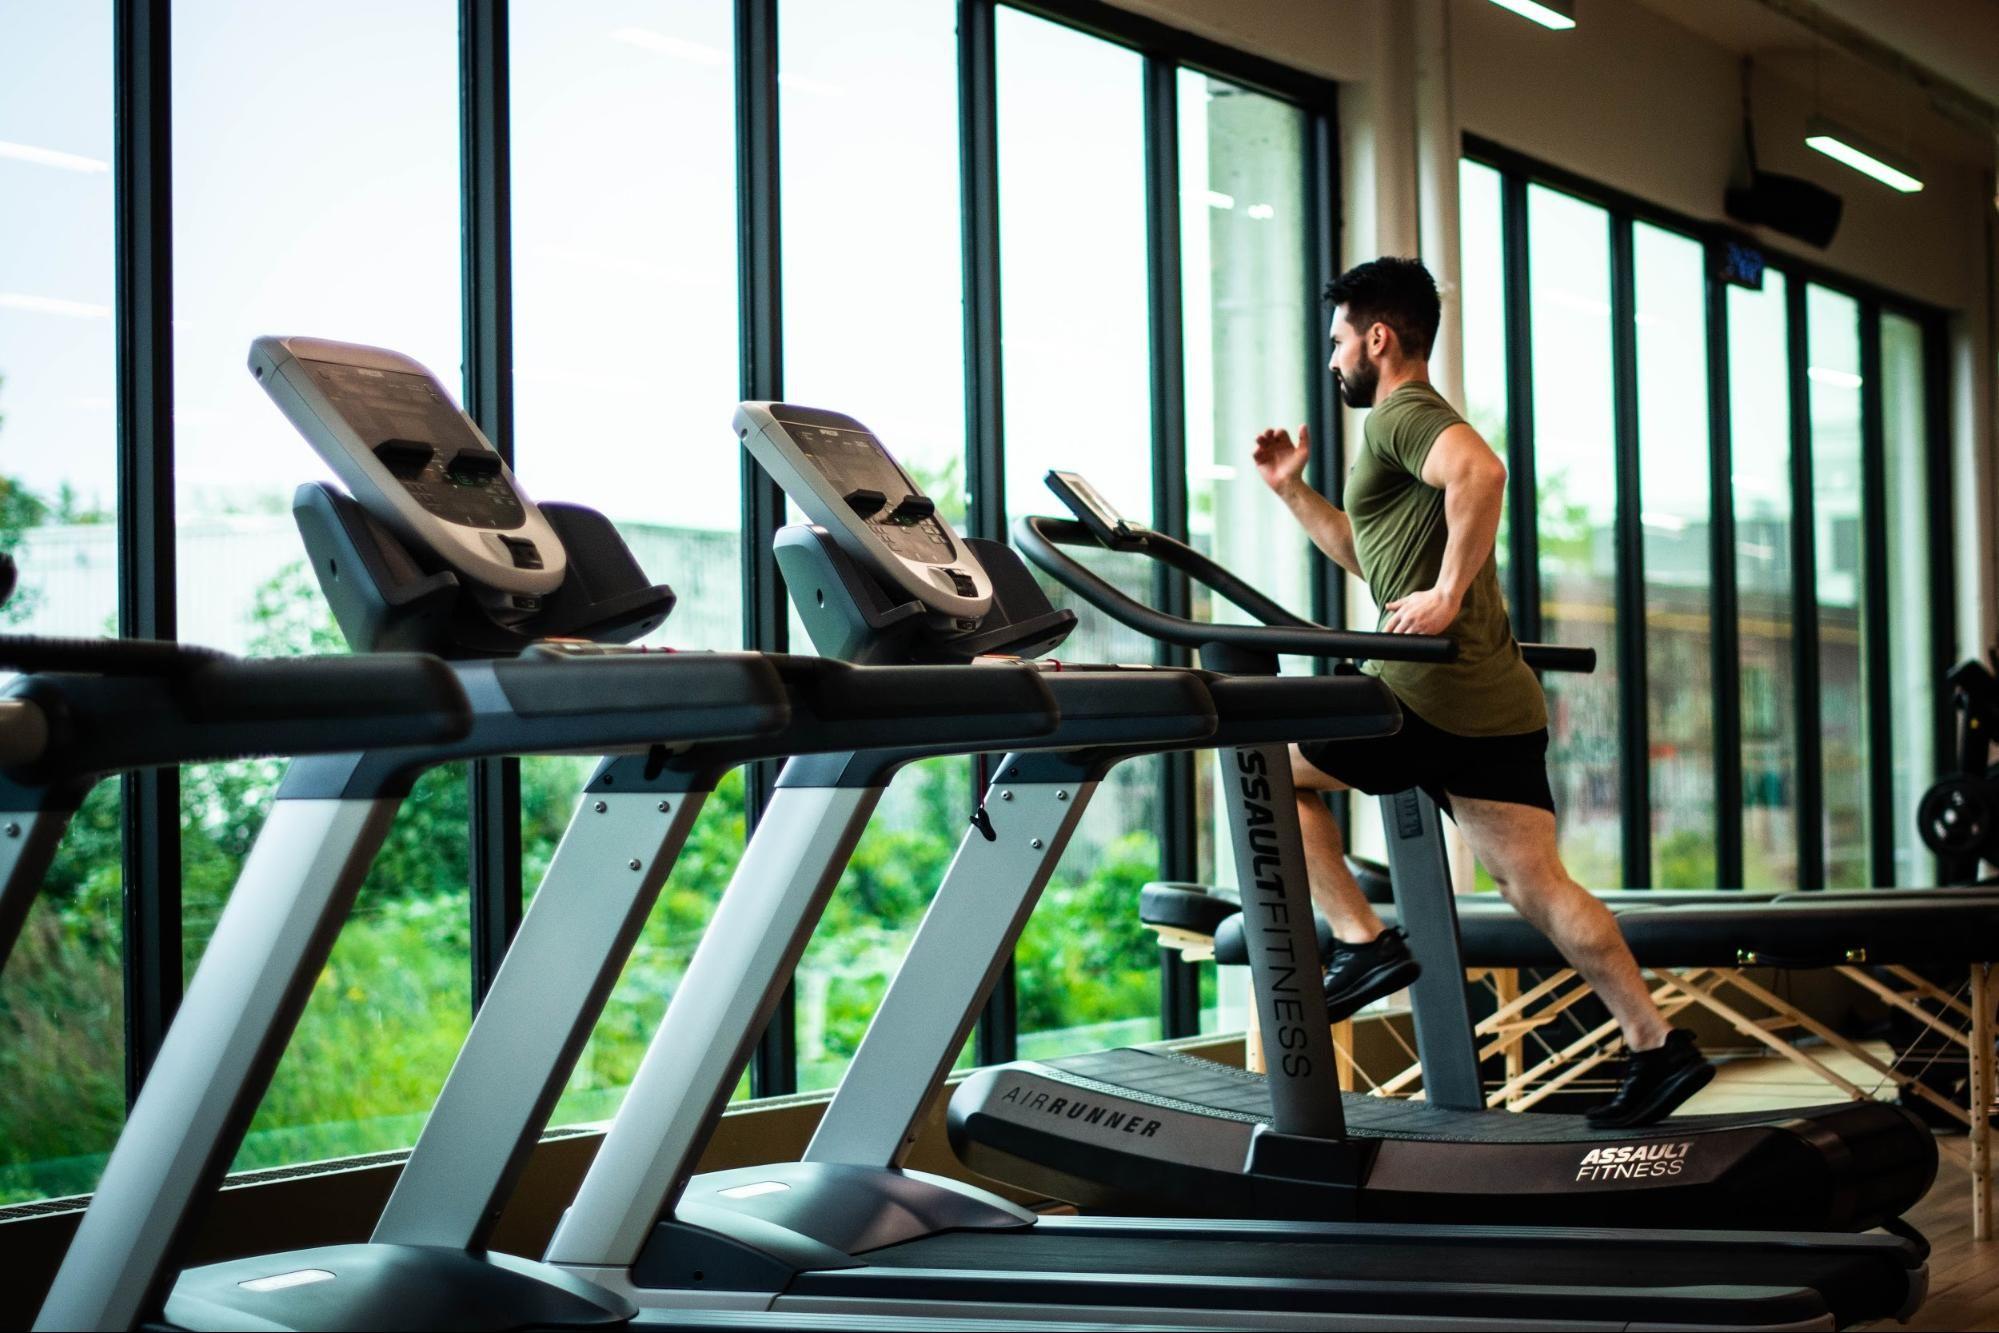 Мужские тренировки в зале на массу - повышаем выносливость, укрепляем рельеф - изображение 4